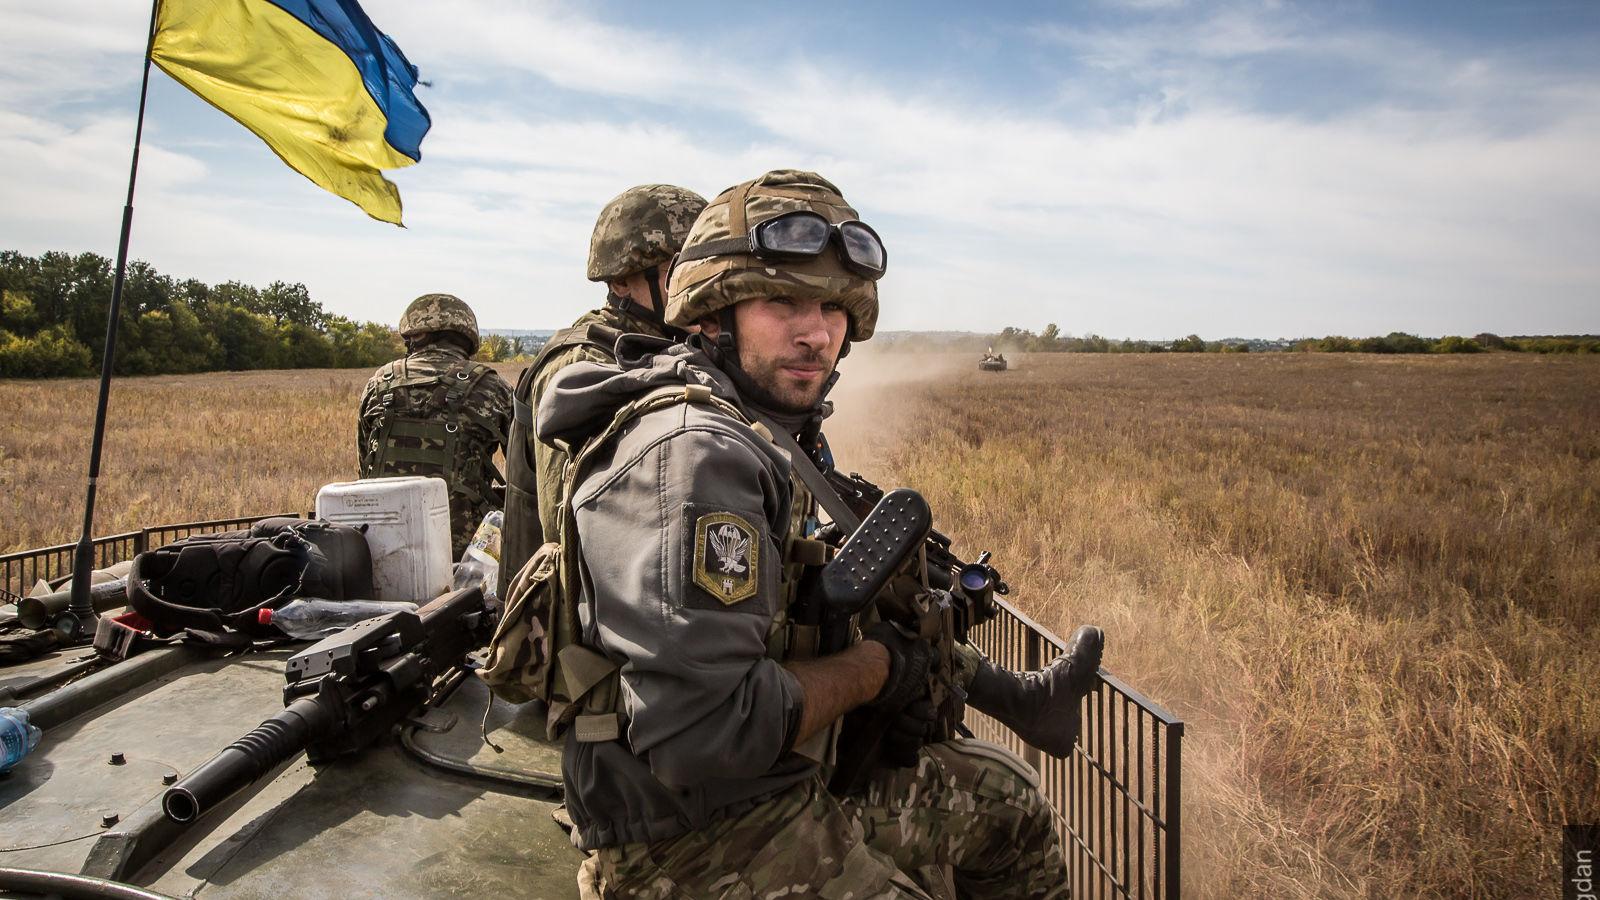 актрисы модели, популярные фото украинских военных девушки